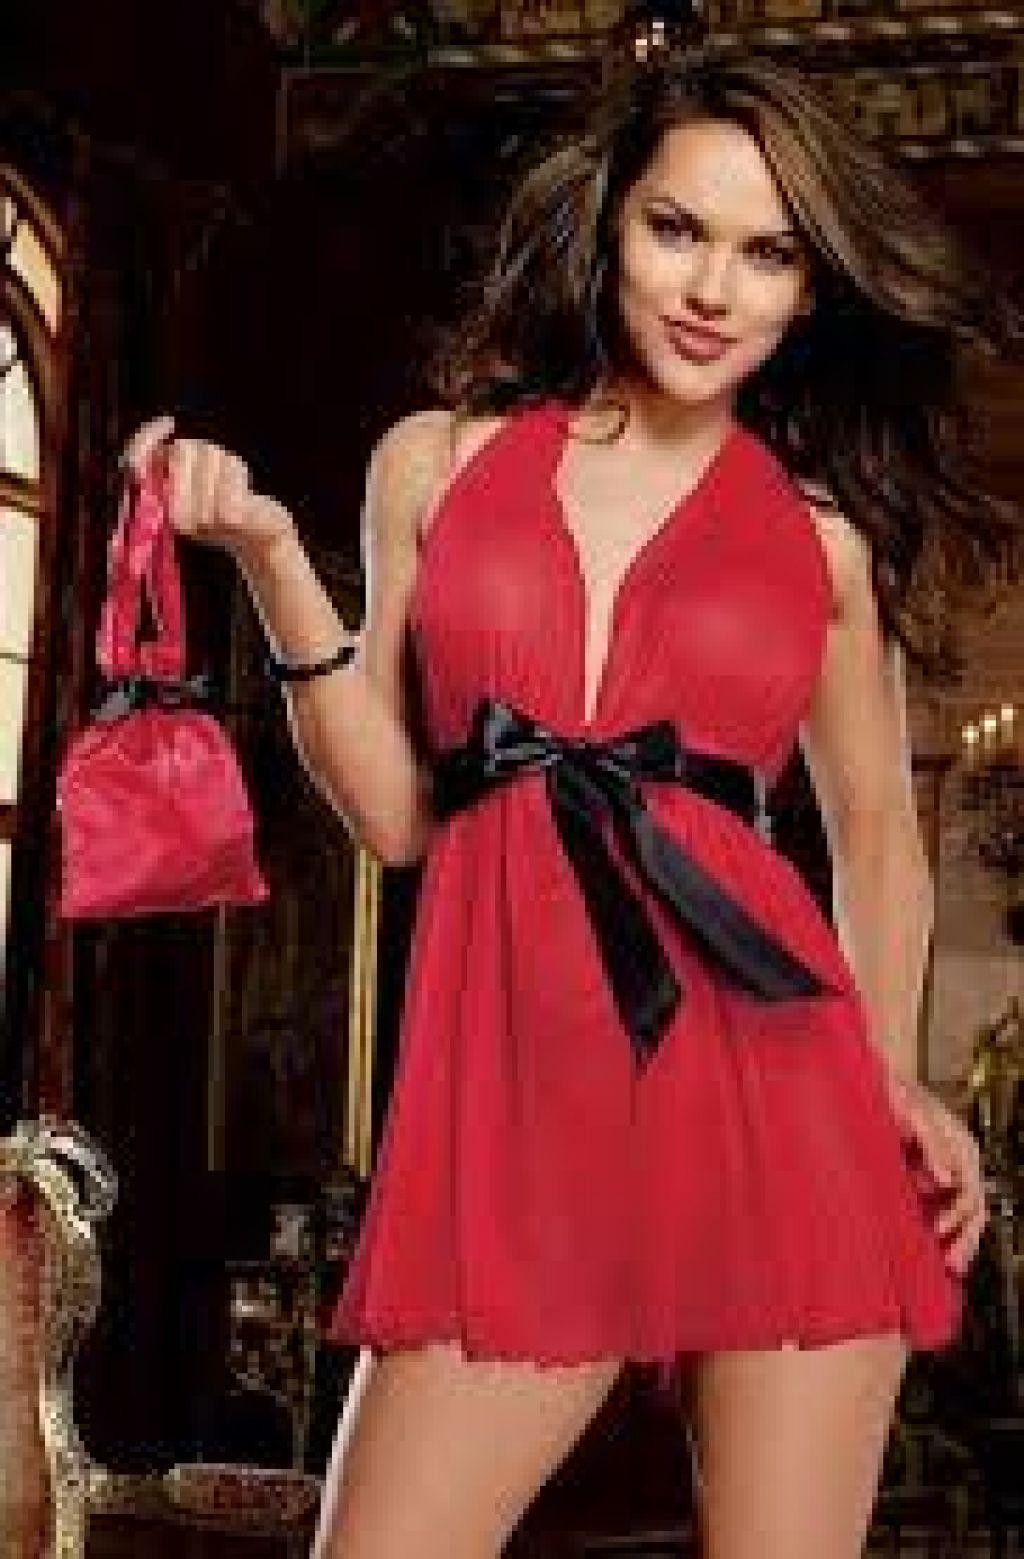 Precioso babydoll de ropa interior femenina con lazo Plus Size